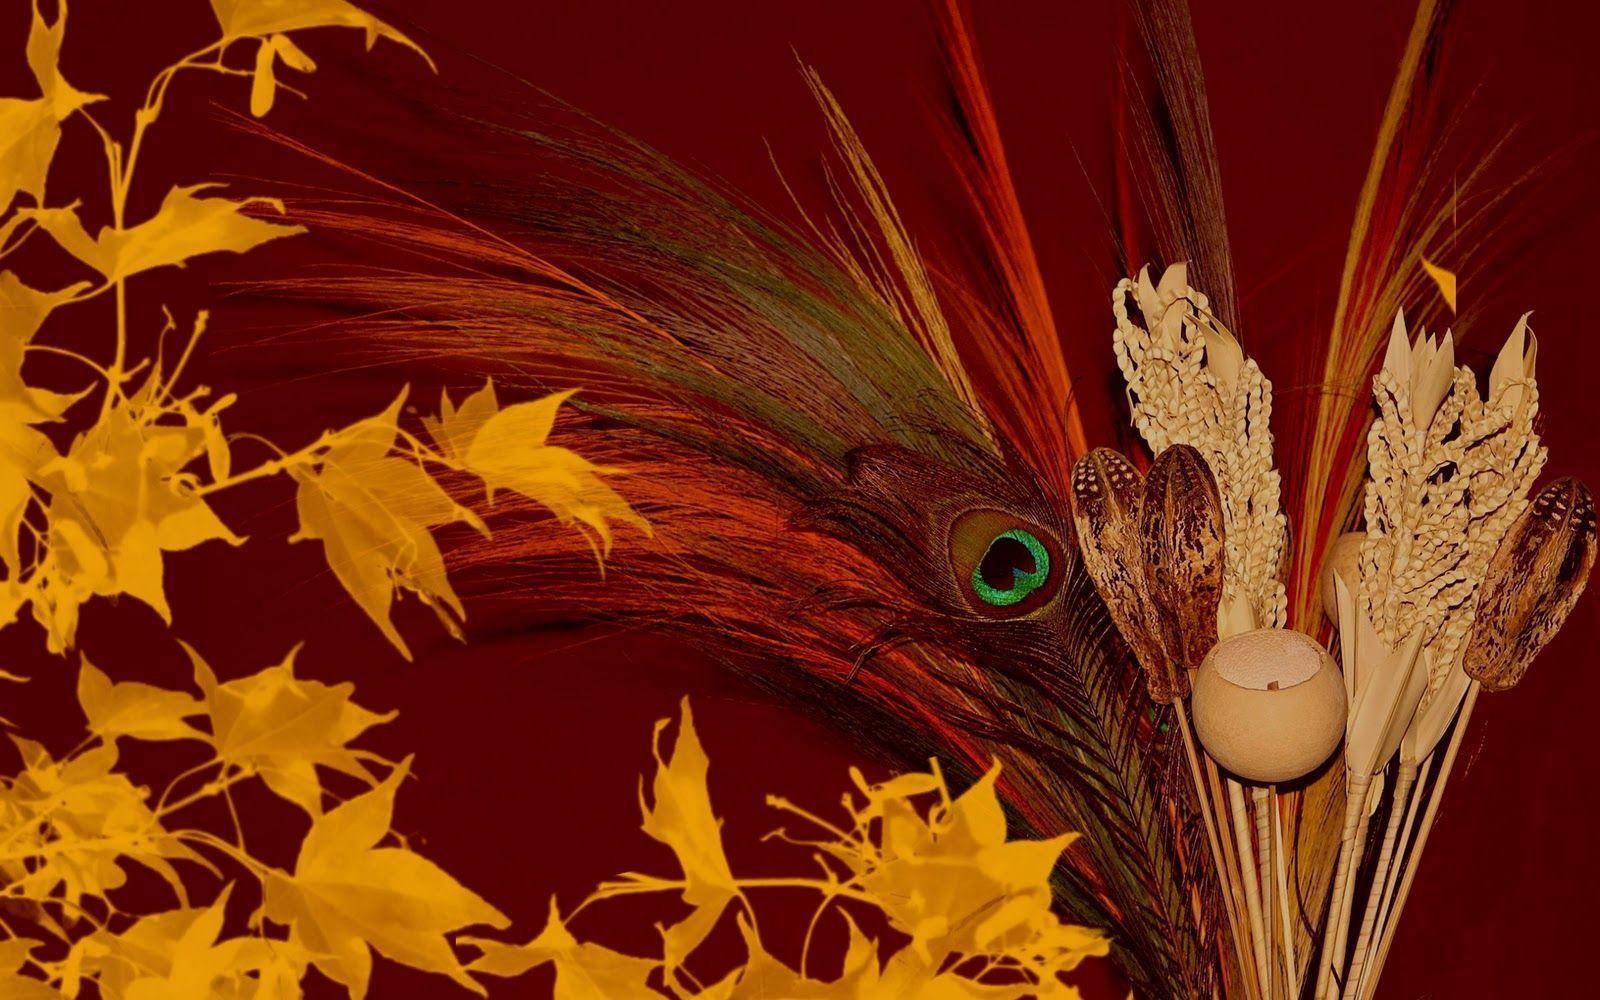 Free thanksgiving desktop wallpaper backgrounds wallpaper cave - Thanksgiving wallpaper backgrounds ...